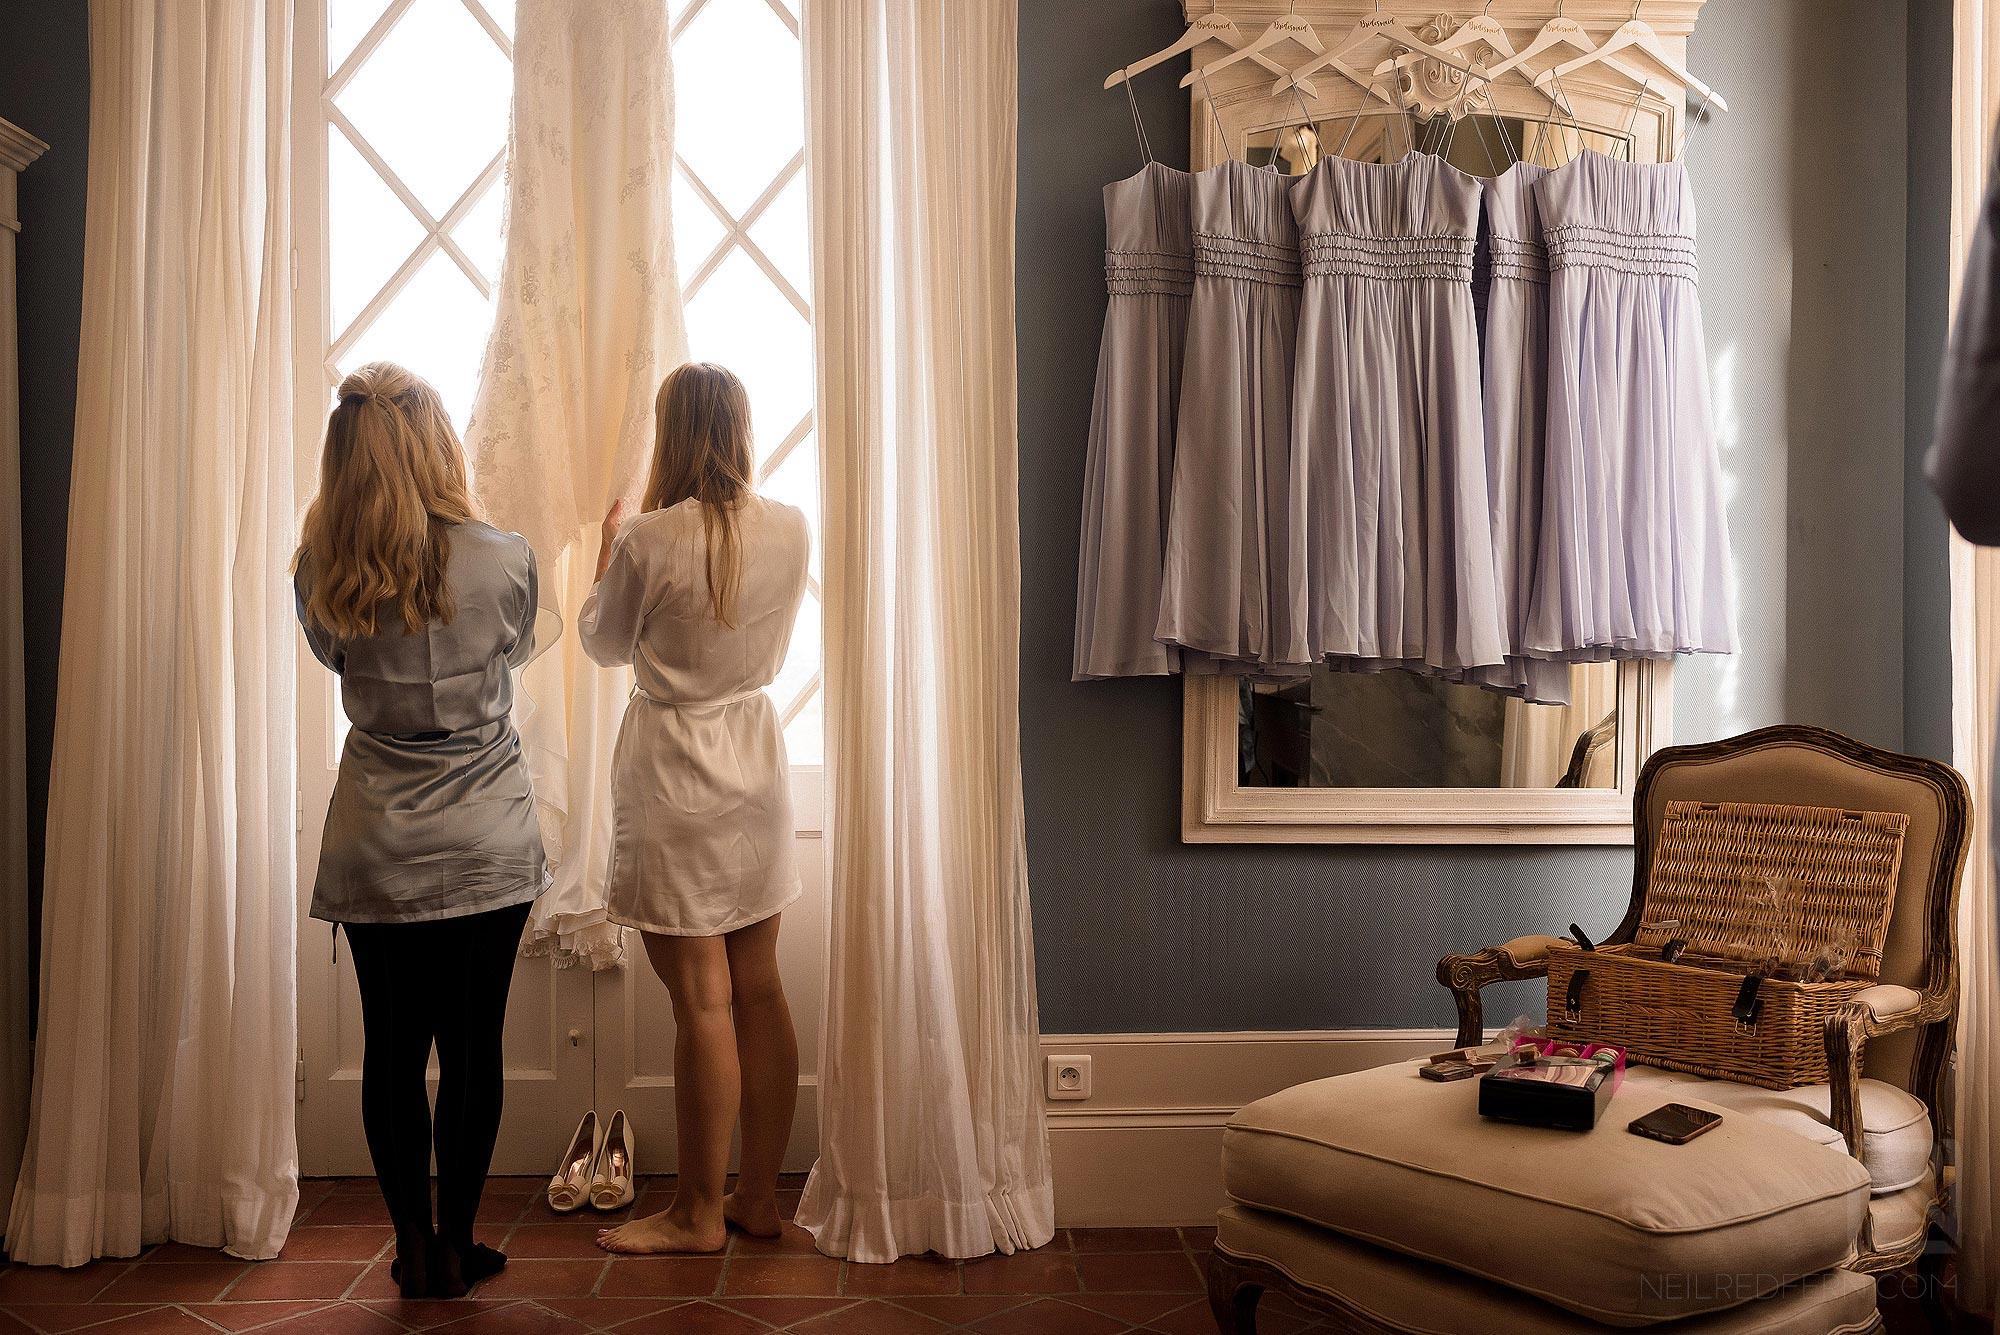 bride and bridesmaid looking at wedding dress